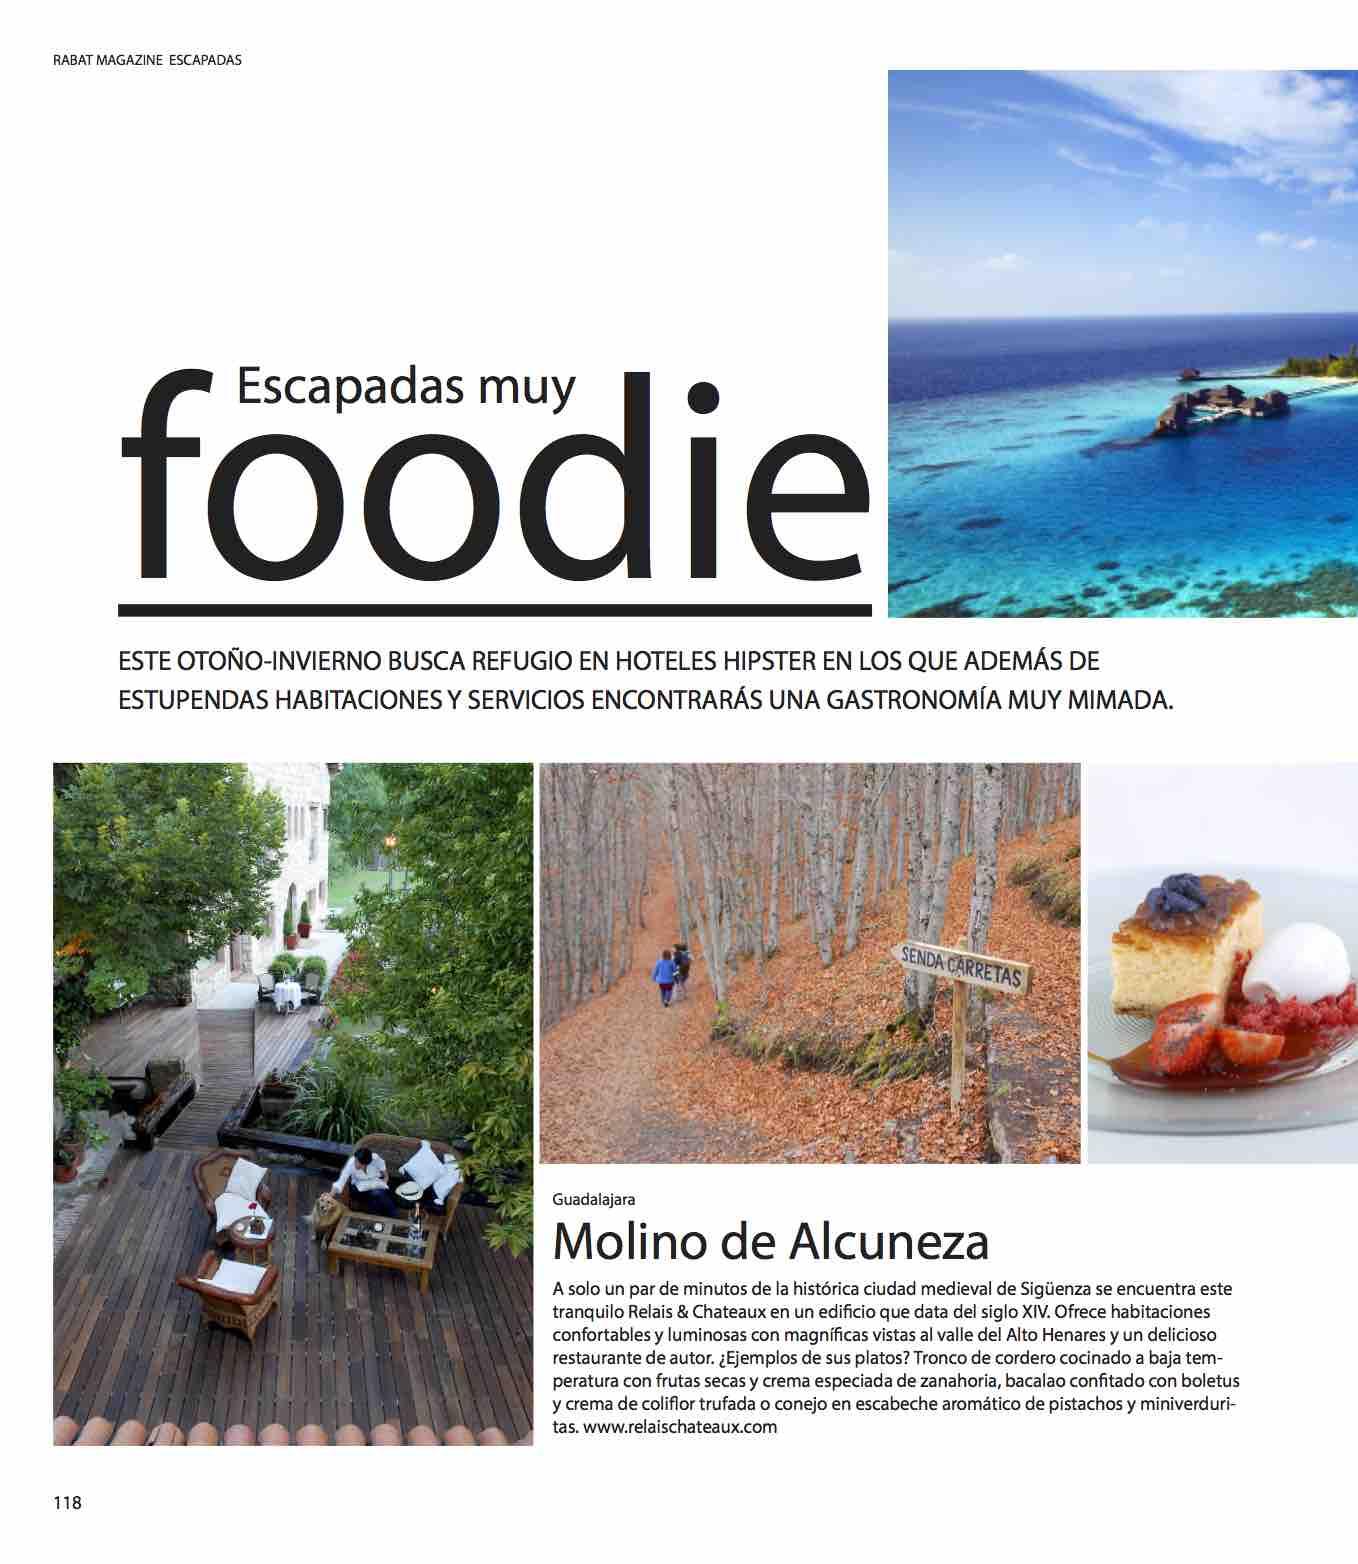 Escapadas muy foodie/ otoño 2015-invierno 2016